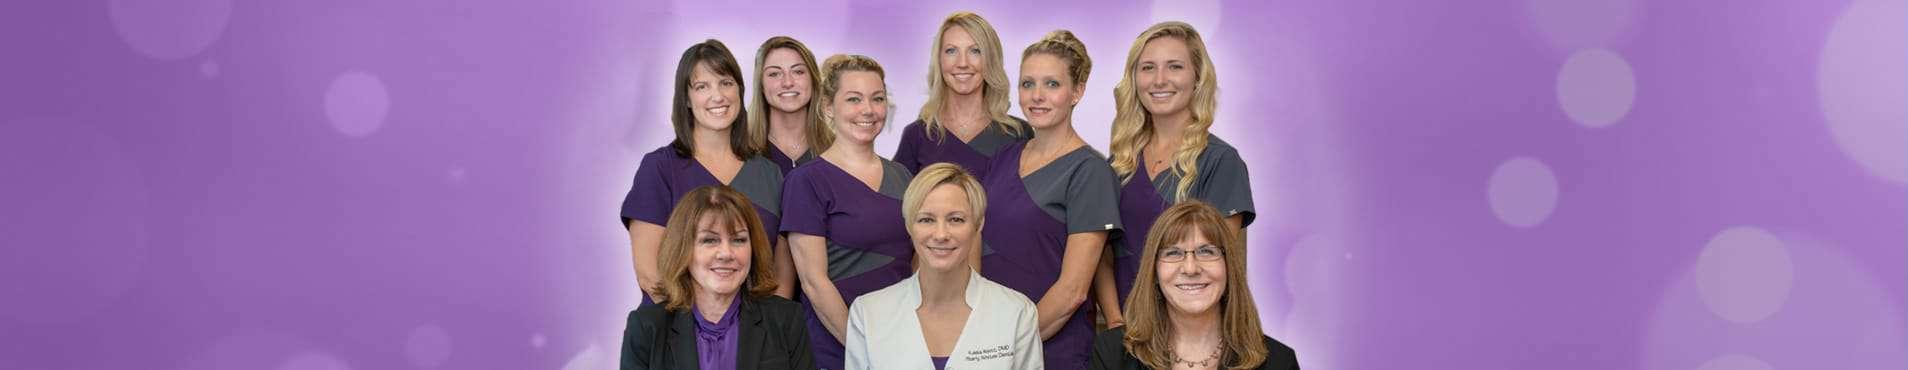 Dental Crowns Dentist Serving Bensalem